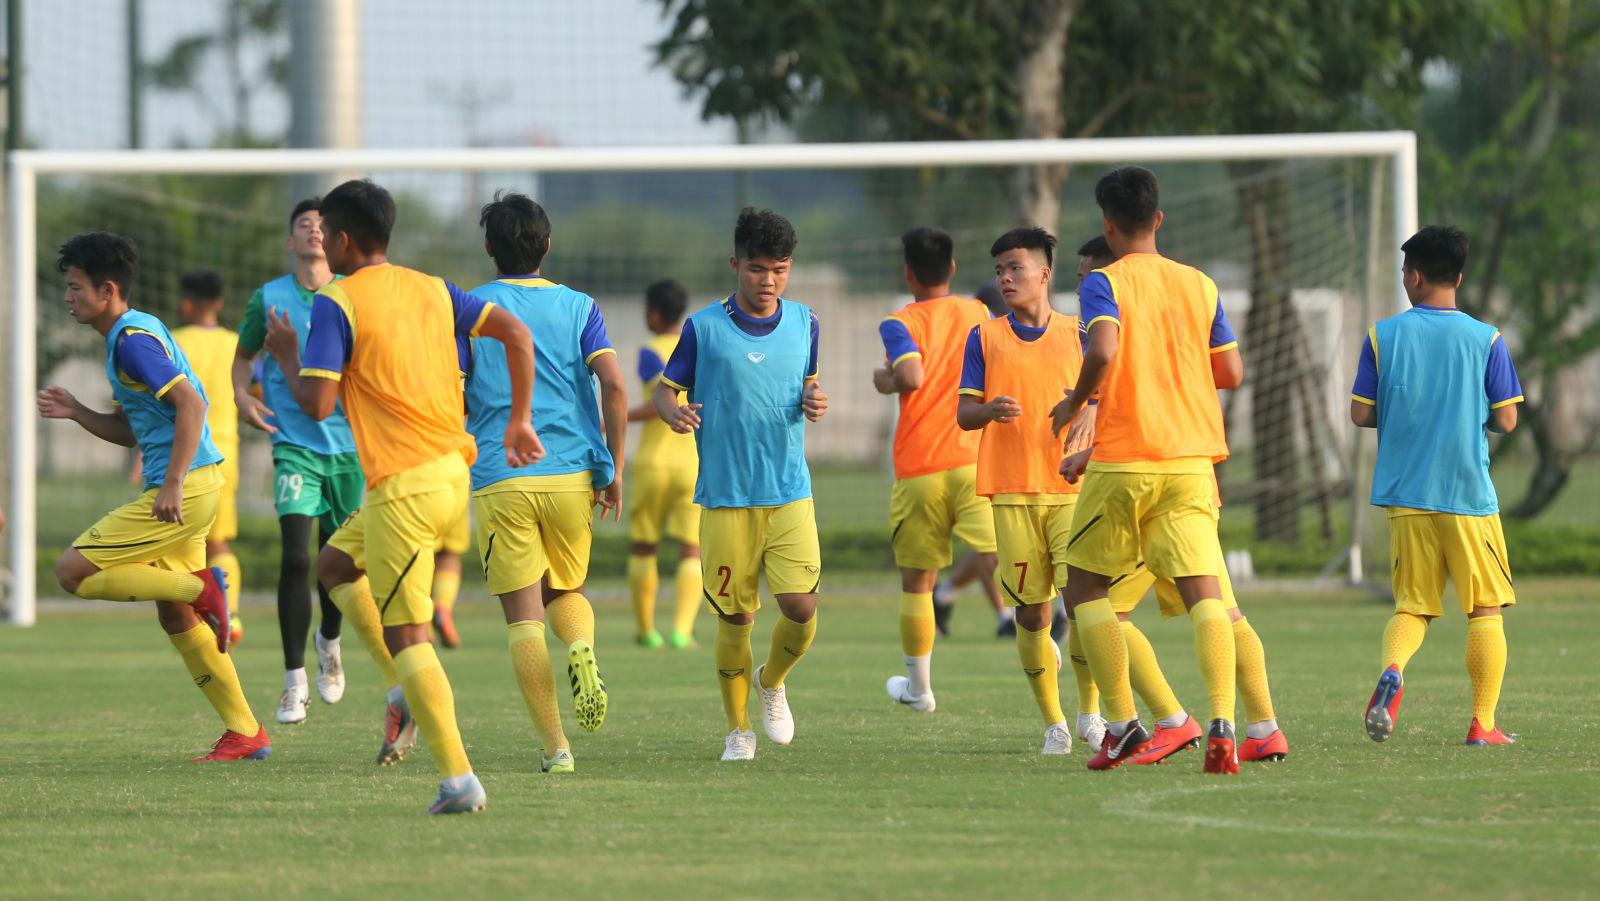 Trực tiếp bóng đá hôm nay: U19 Việt Nam đấu với U19 Guam (19h00). HTV trực tiếp U19 nam châu Á 2020